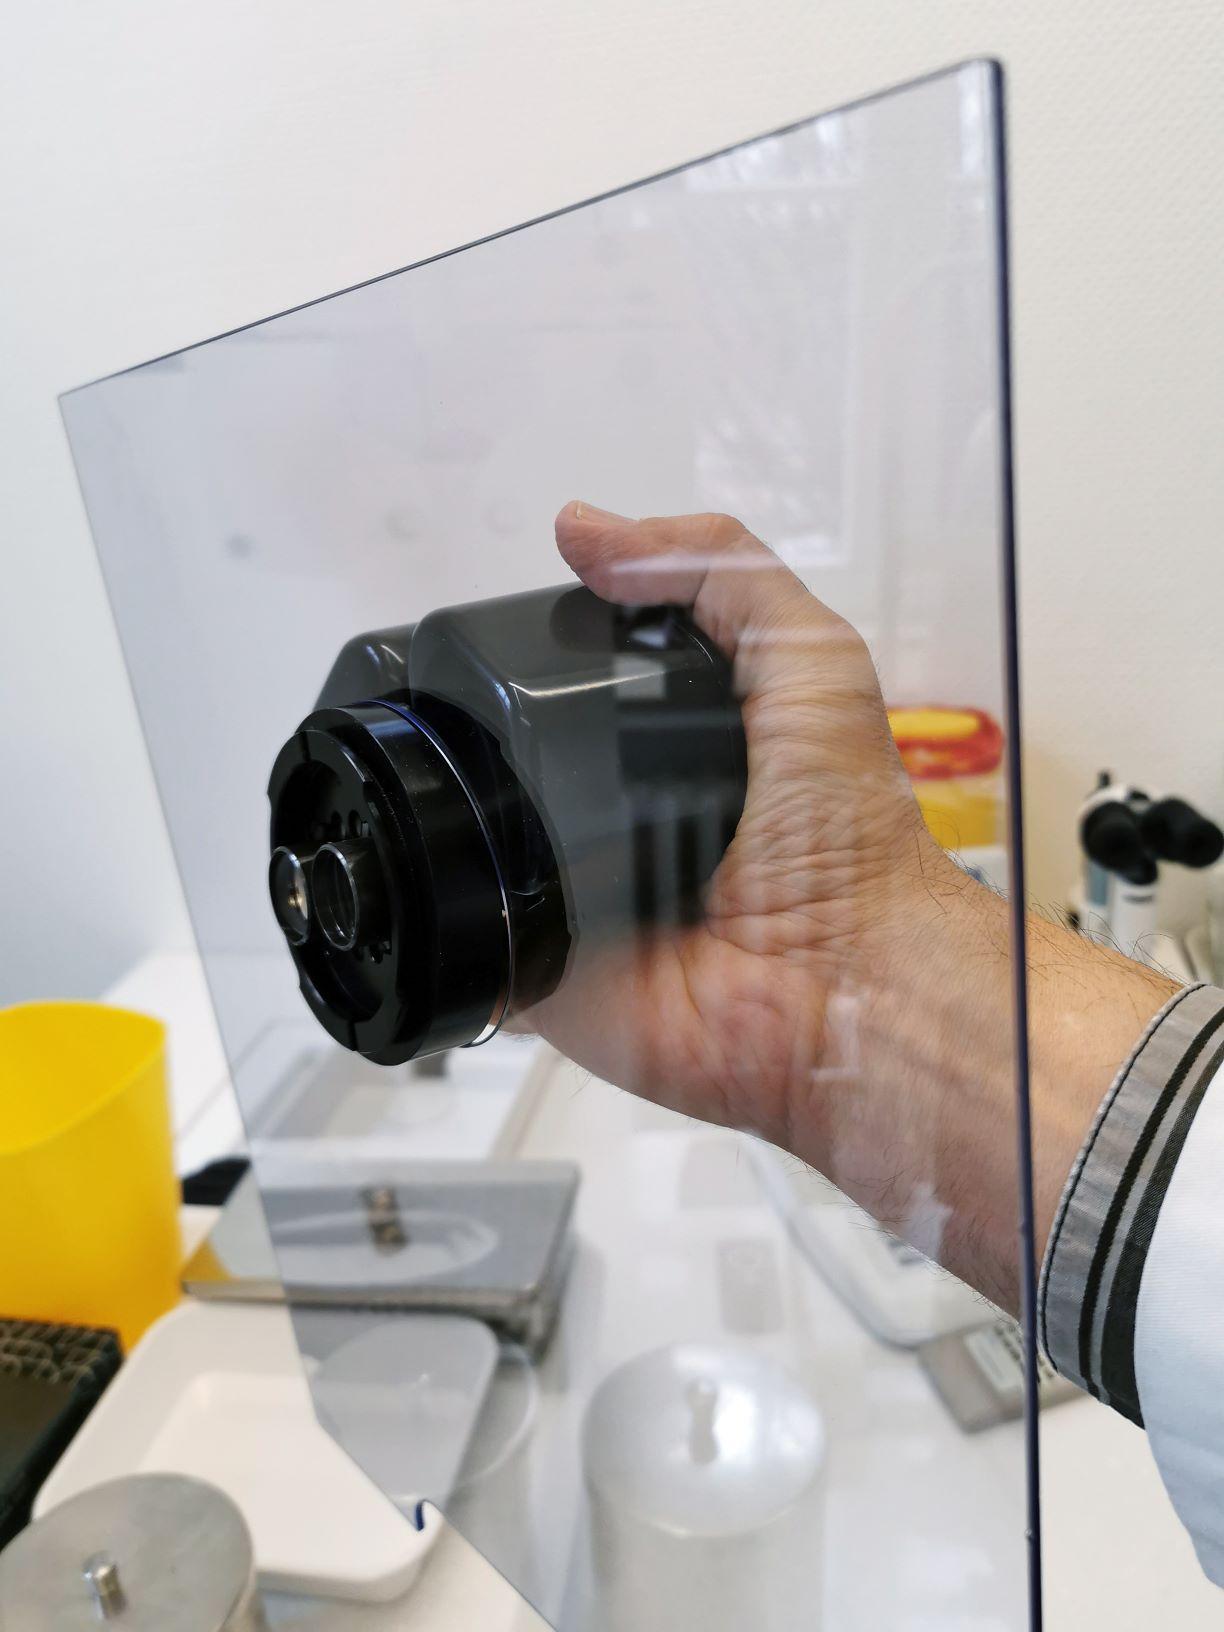 Ein Schutz gegen die Tröpfcheninfektion an der Spaltlampe